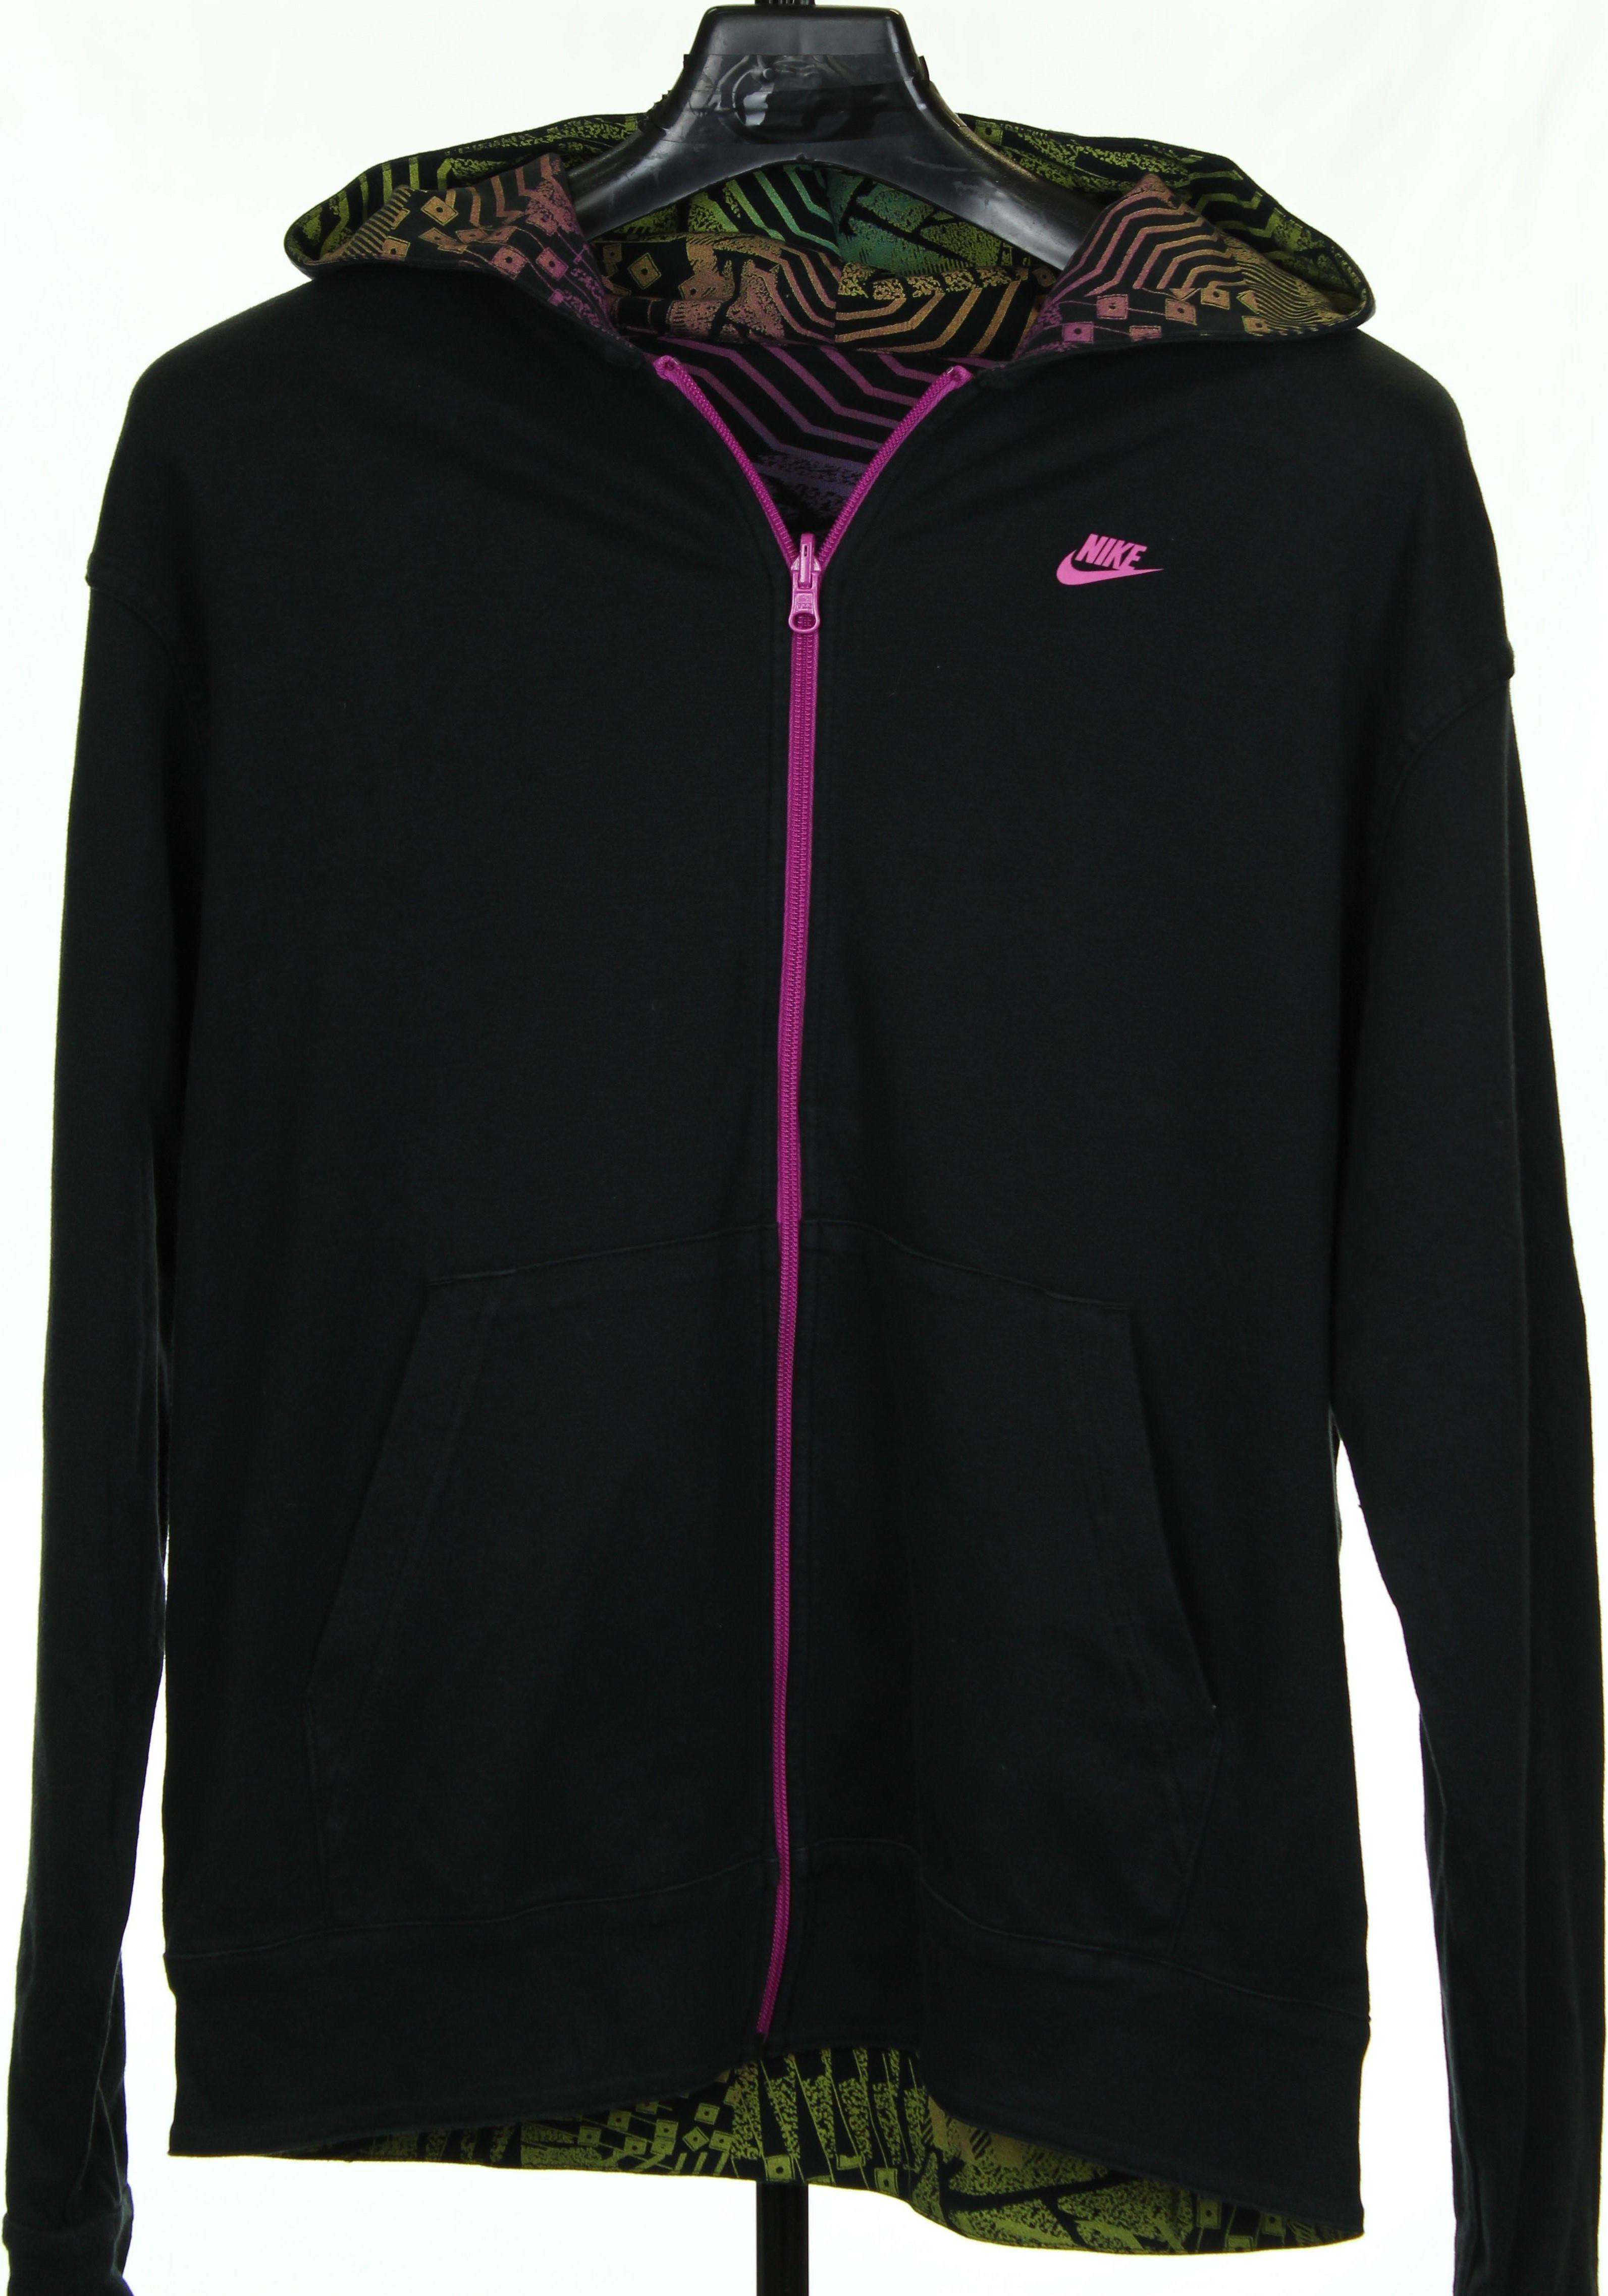 Bluza Nike Dwustronna 285842 010 Ceny i opinie Ceneo.pl